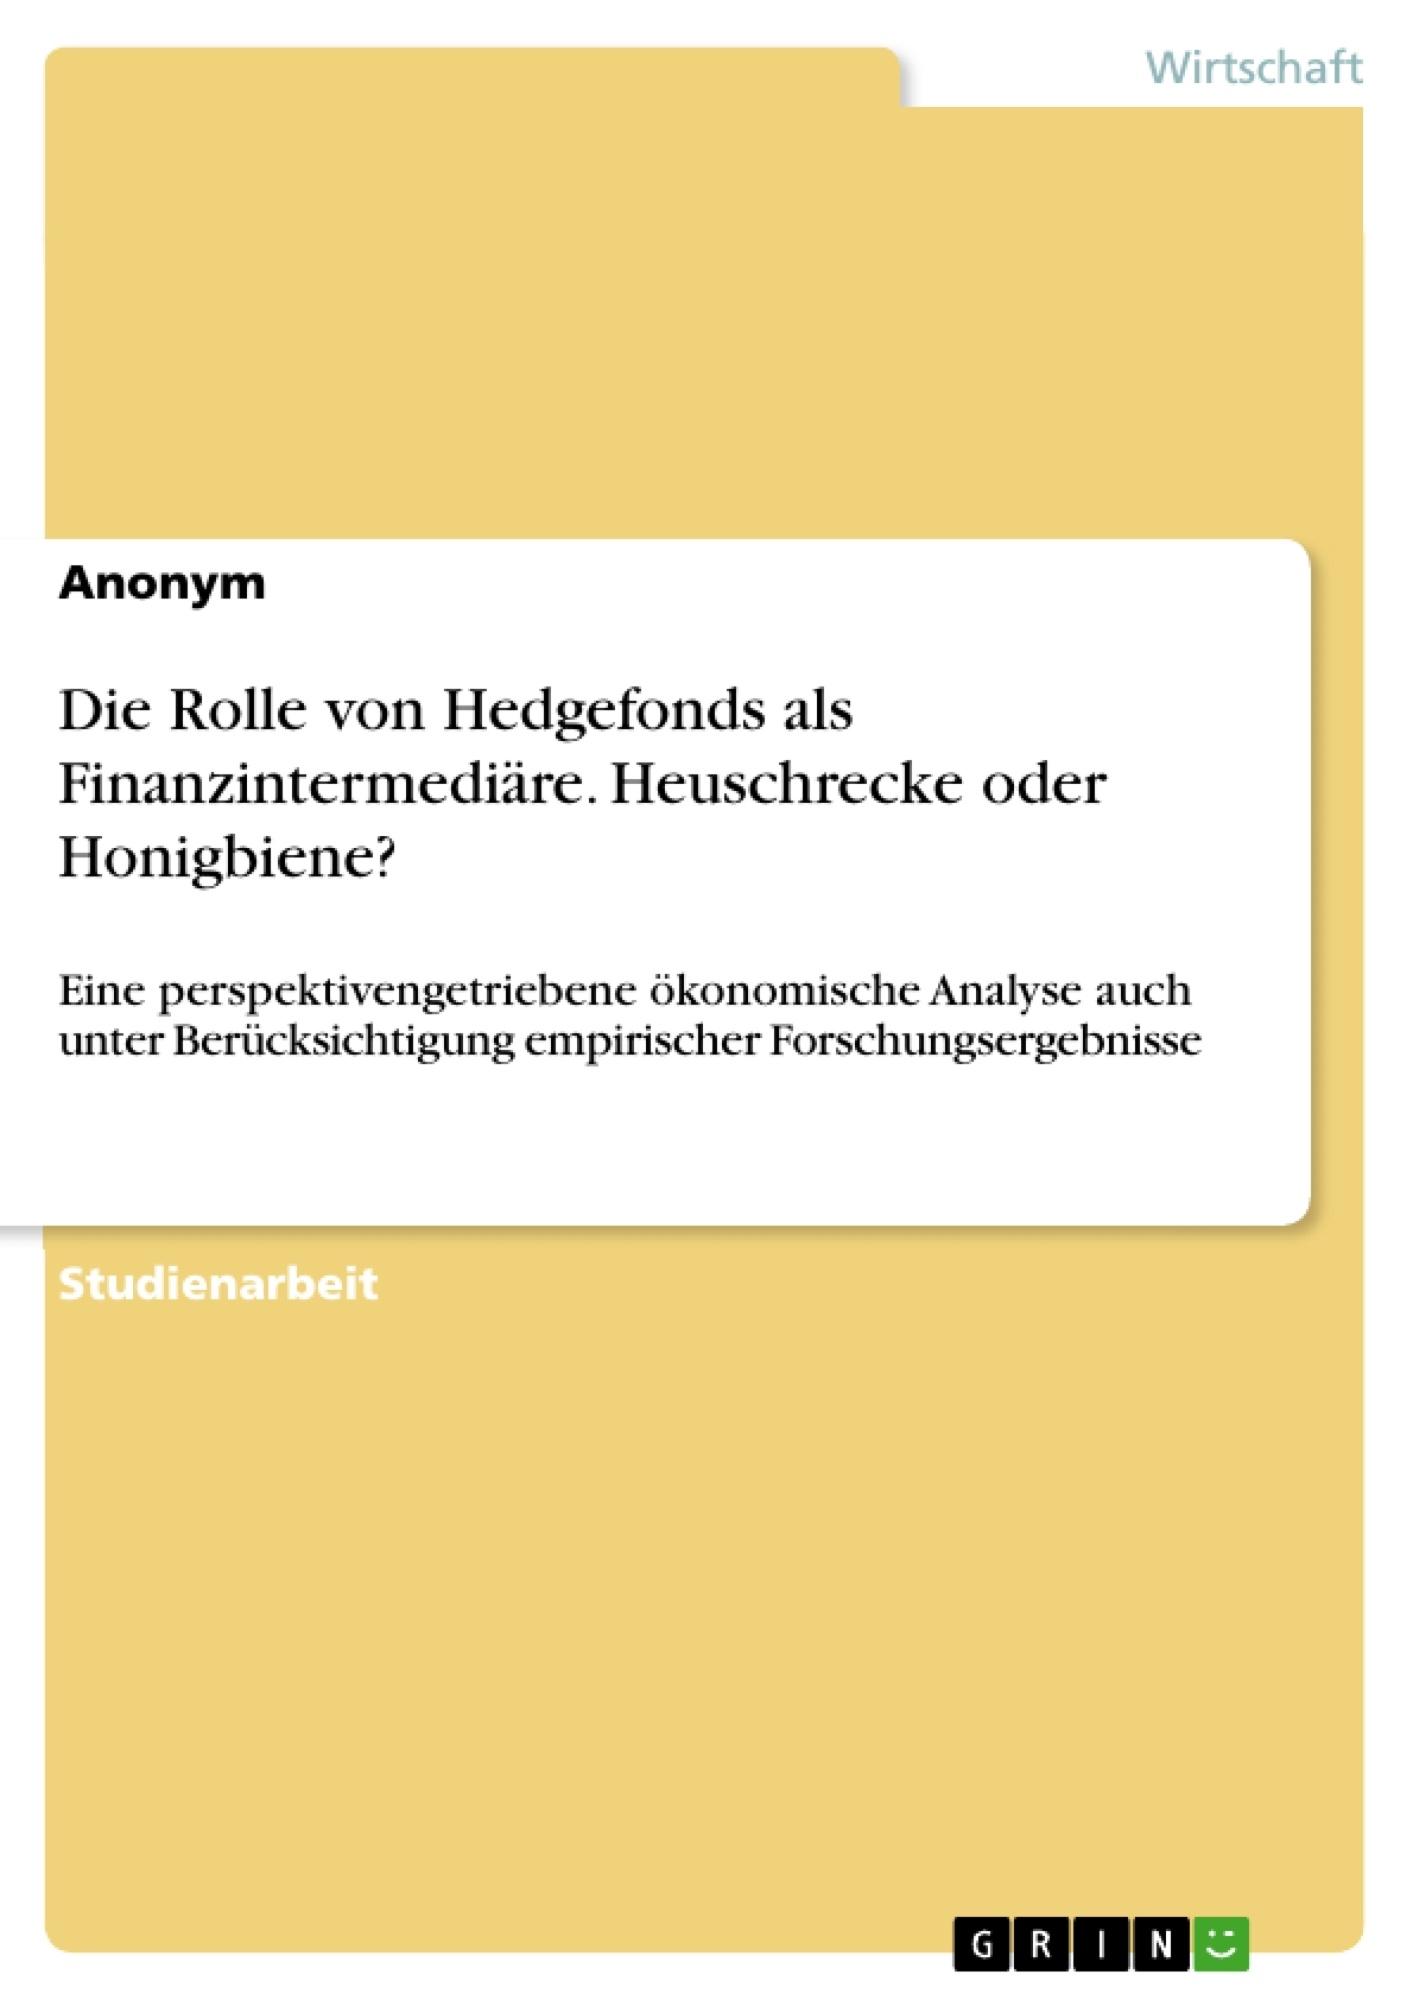 Titel: Die Rolle von Hedgefonds als Finanzintermediäre. Heuschrecke oder Honigbiene?